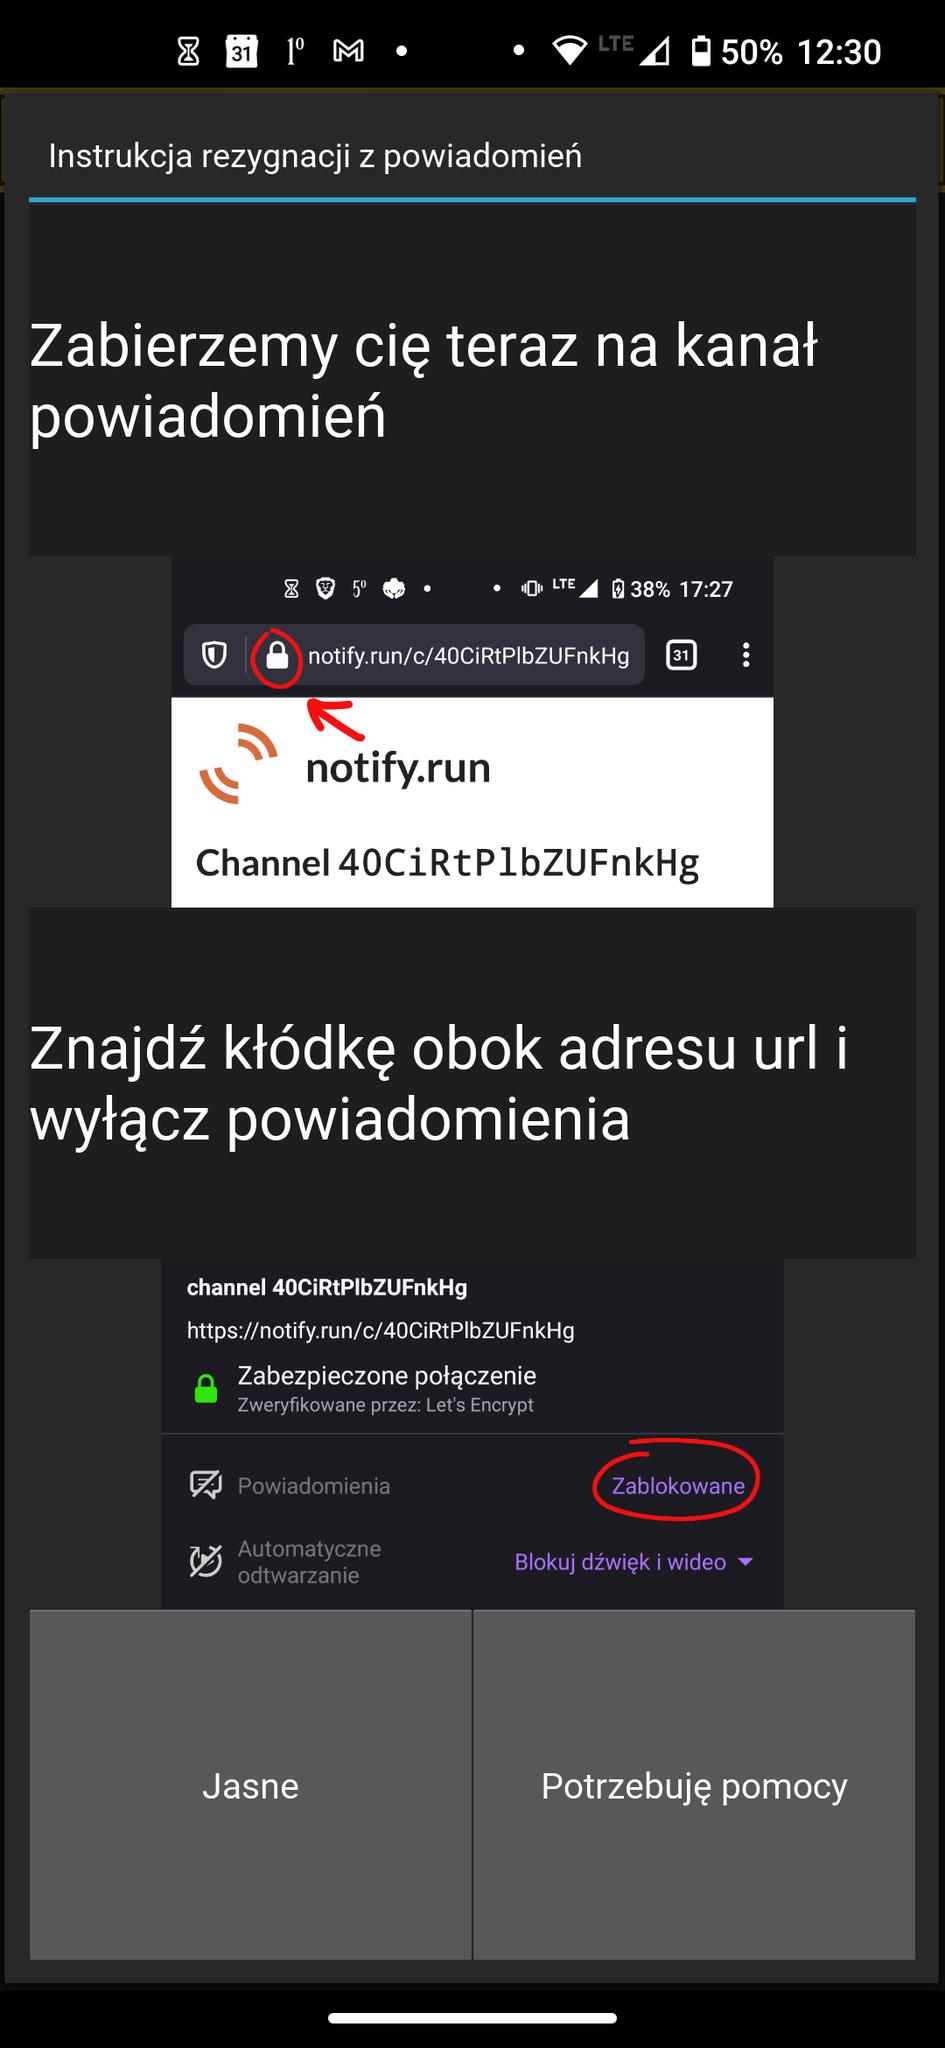 aplikacja_2.png